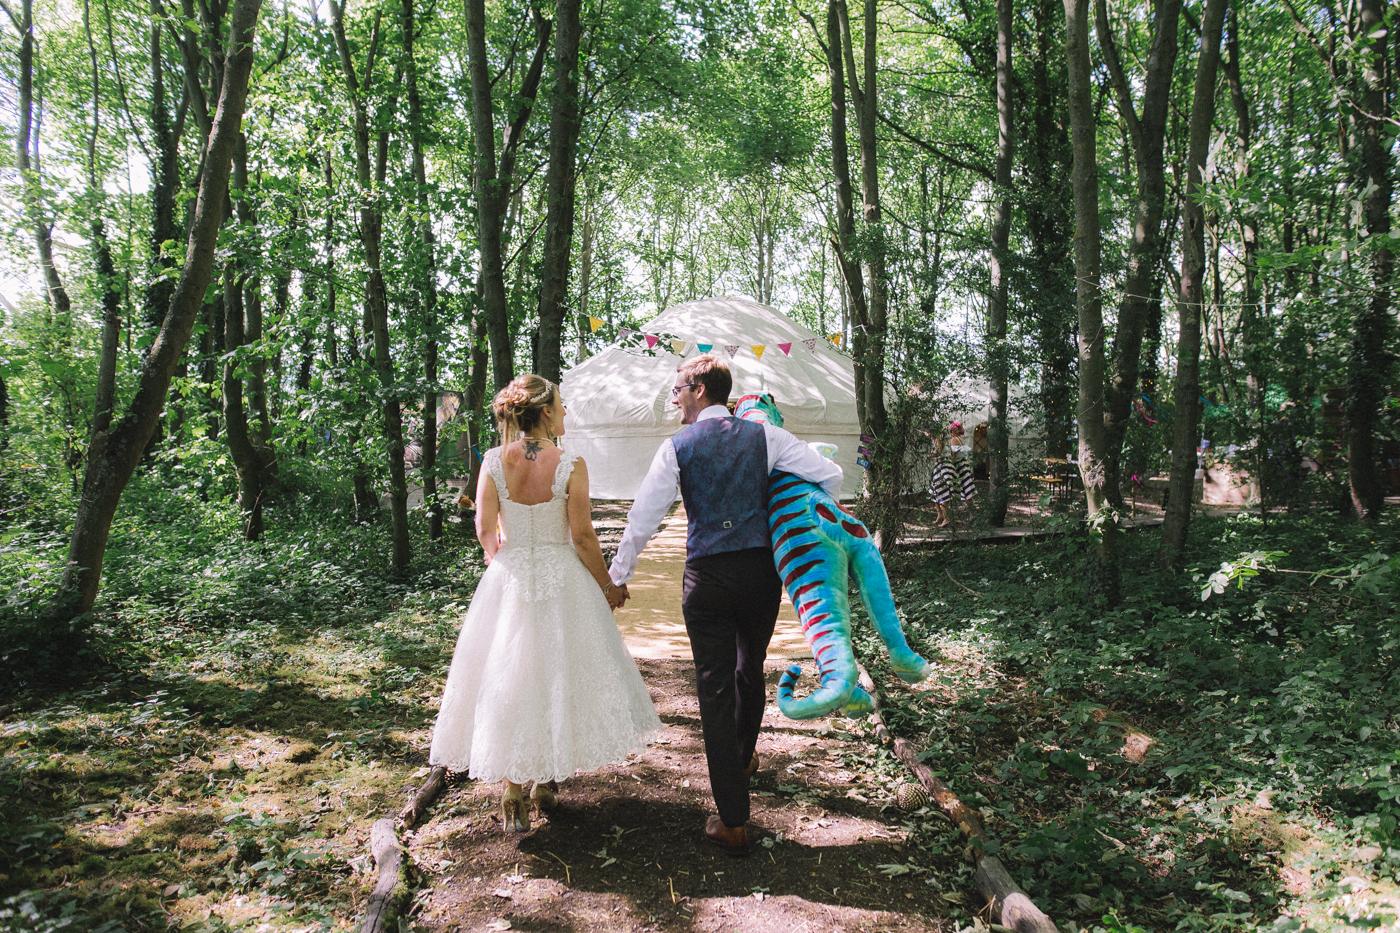 applewood-weddings-leeds-west-yorkshire-wedding-photography-outdoor-wedding